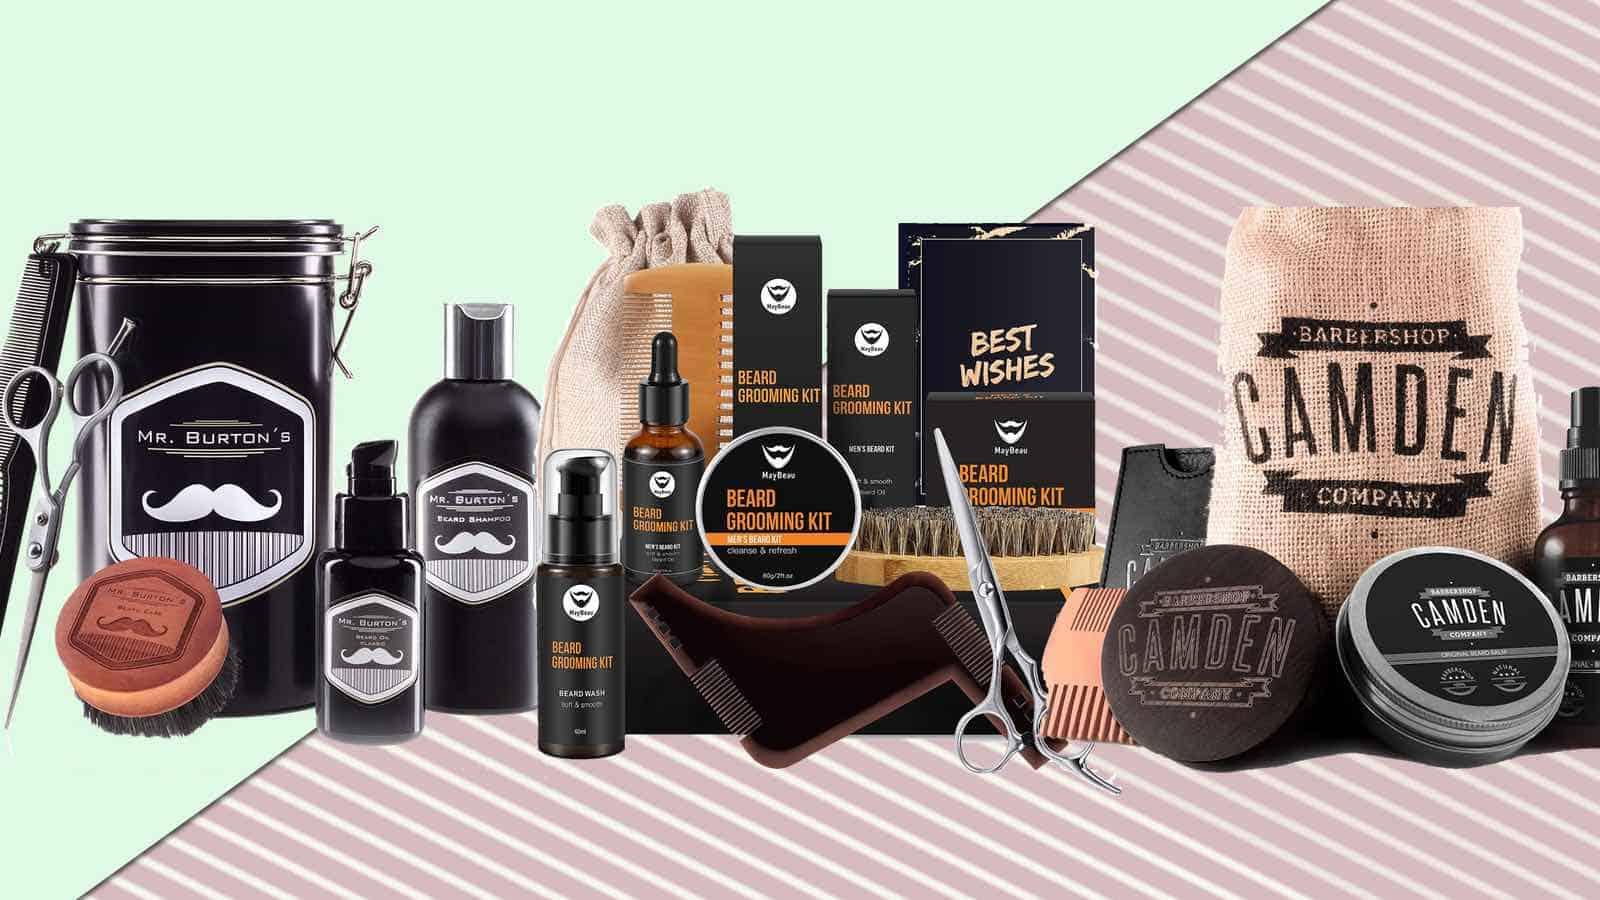 Bartpflege Set Vergleich 2019- 5 beste Pflegesets für den Bart im Vergleich